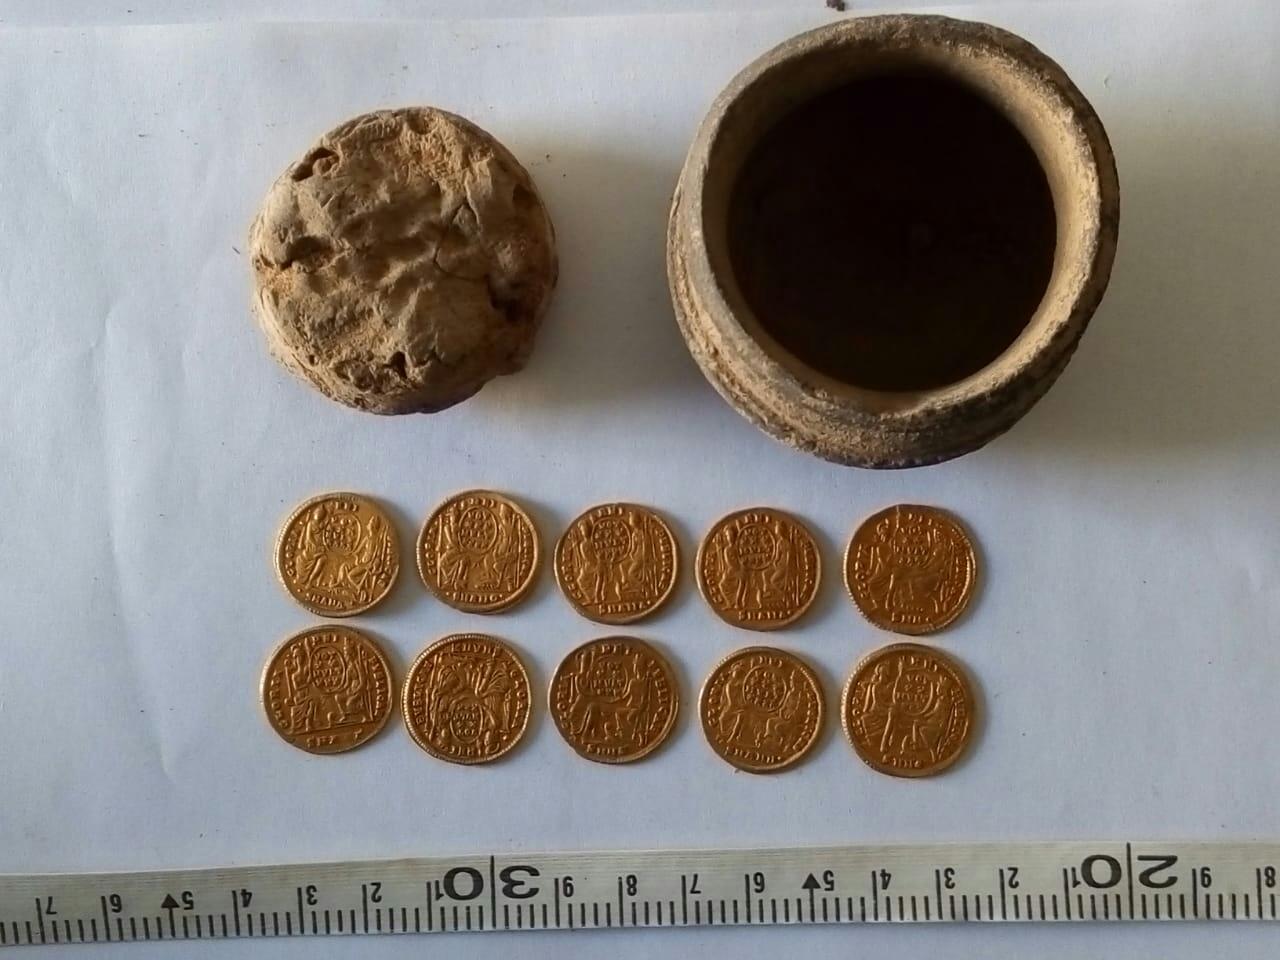 الكشف عن عملات ذهبية من العصر البيزنطى بمنطقة عين السبيل بالداخلة.. صور  475813-عملات-(2)